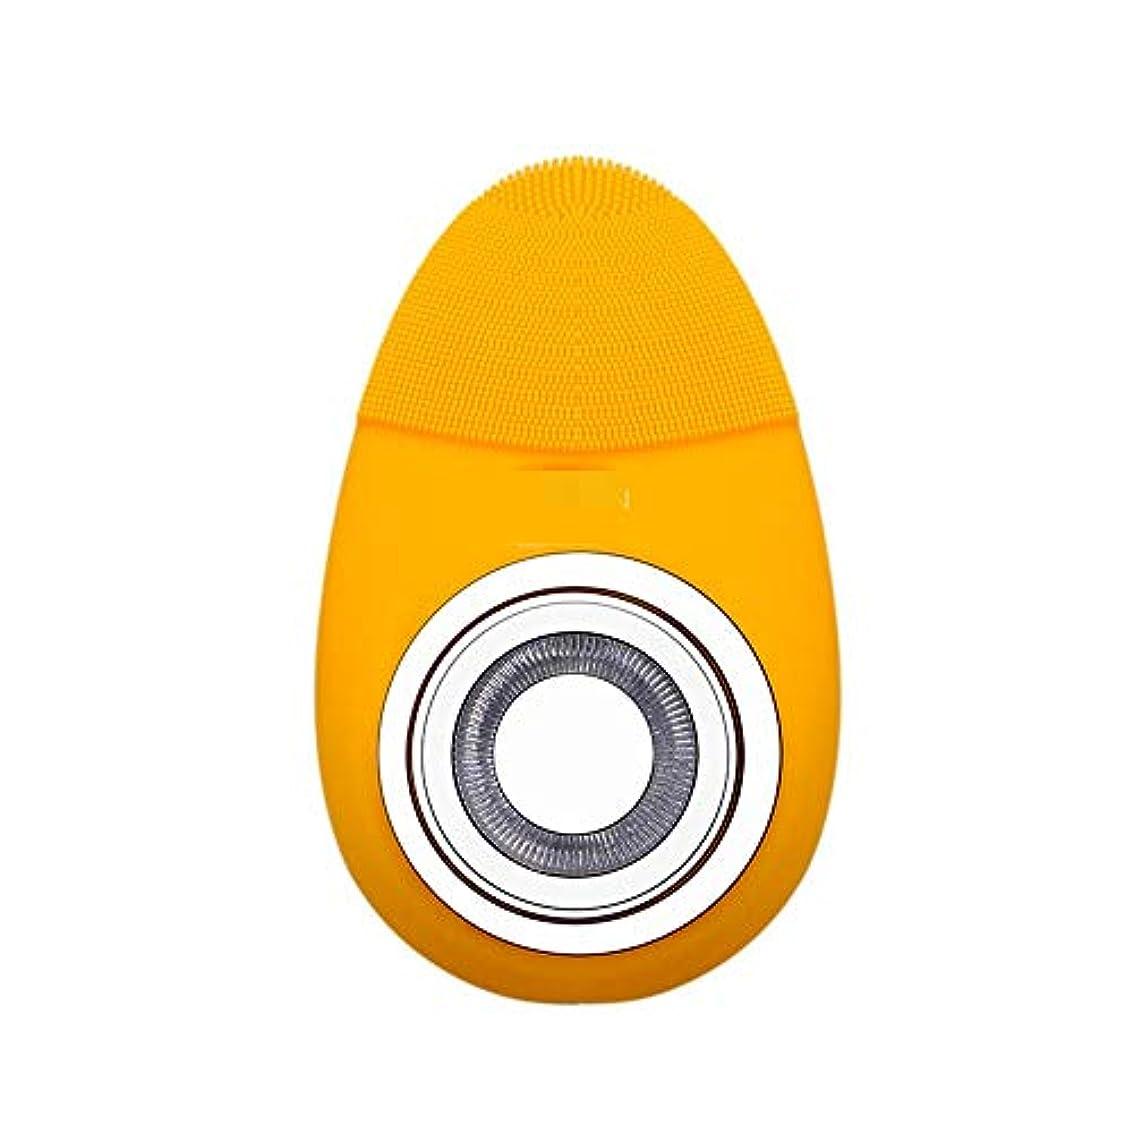 チラチラする人に関する限りヘロインLYgMV 多機能電気恒温シリコーンクレンジング楽器赤灯肌清潔毛穴クリーナー輸入機器美容機器 (Color : Yellow)